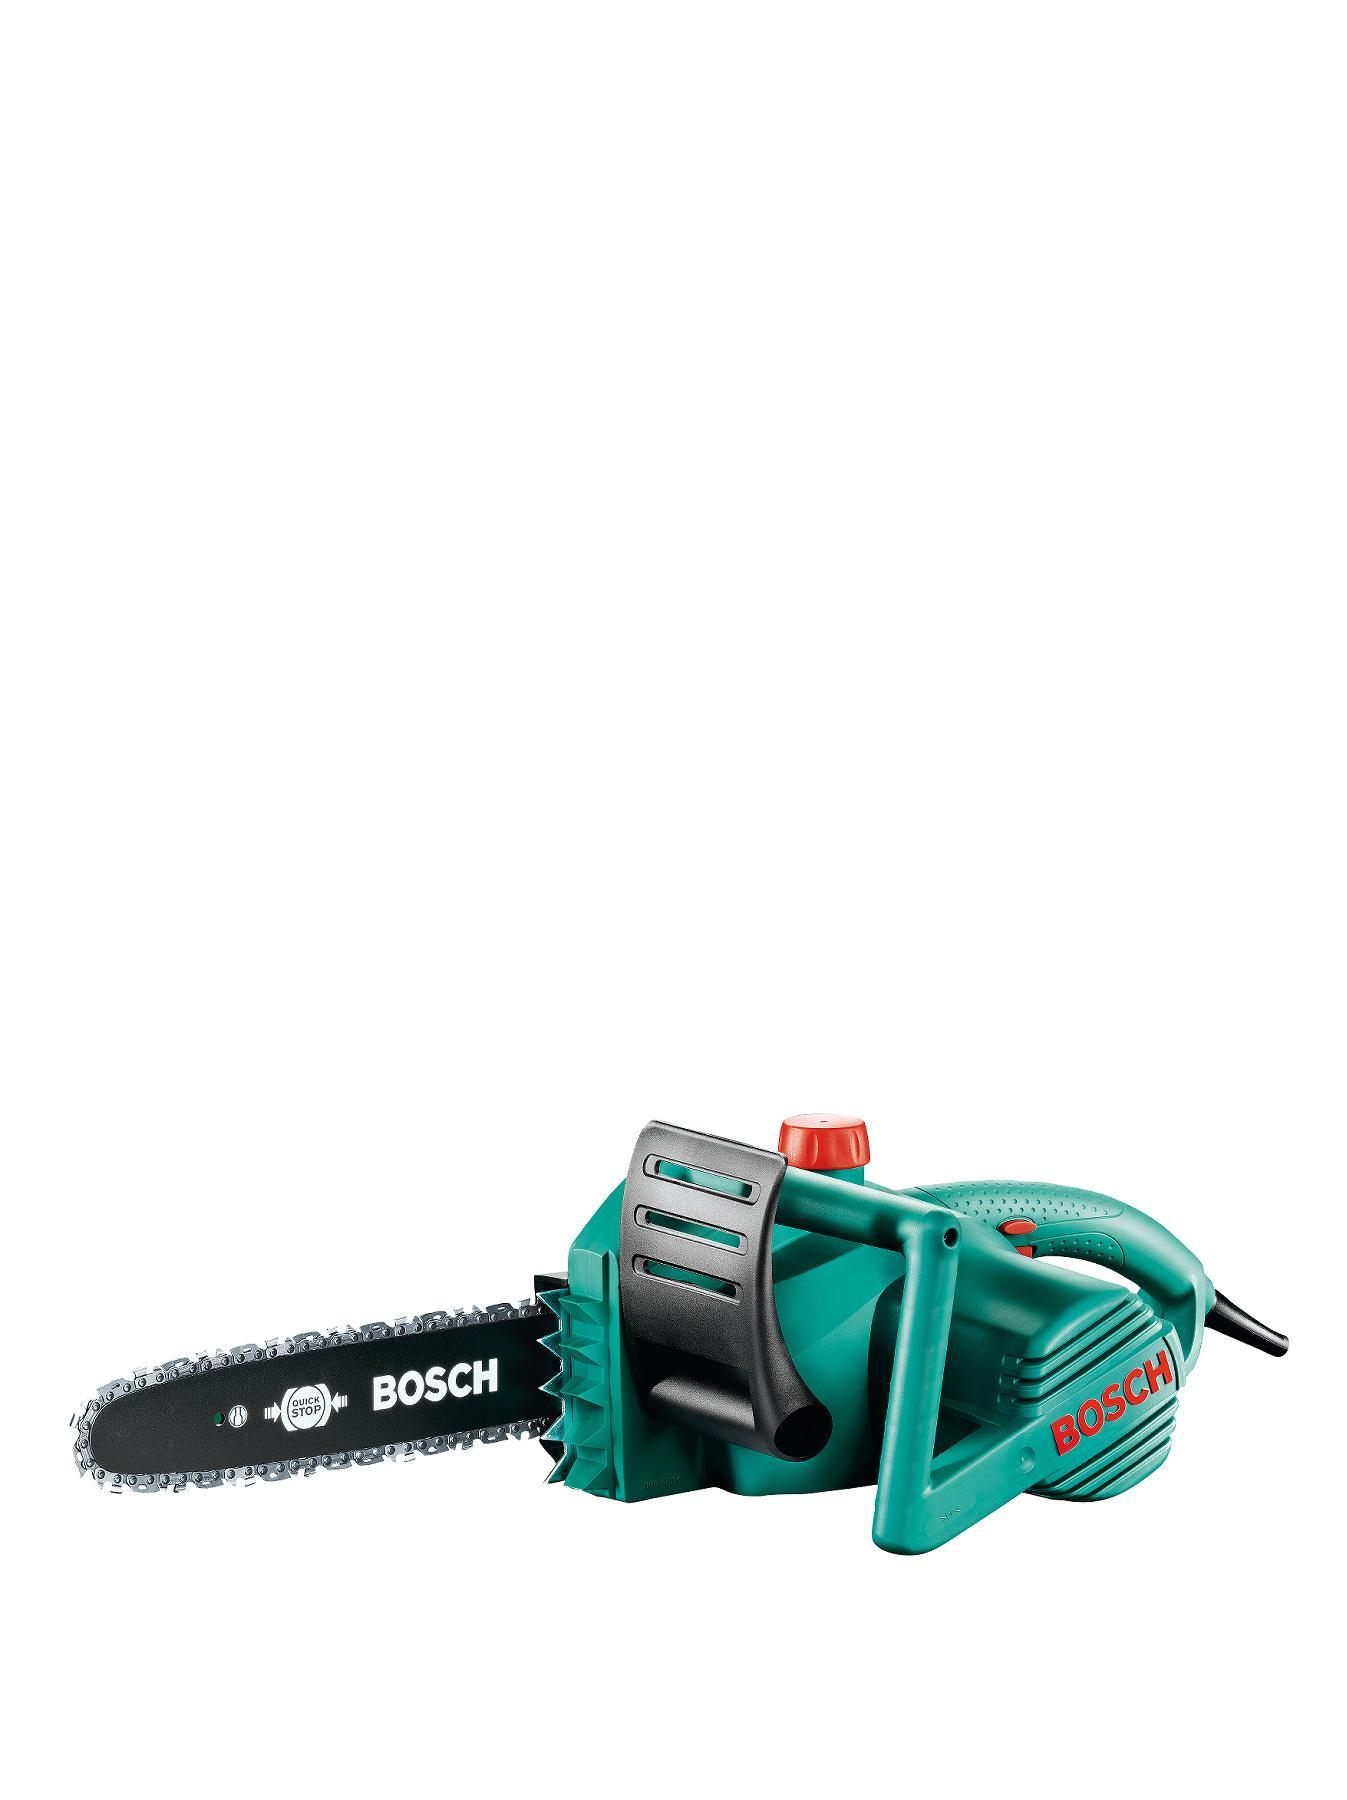 Bosch AKE 30 S Chainsaw